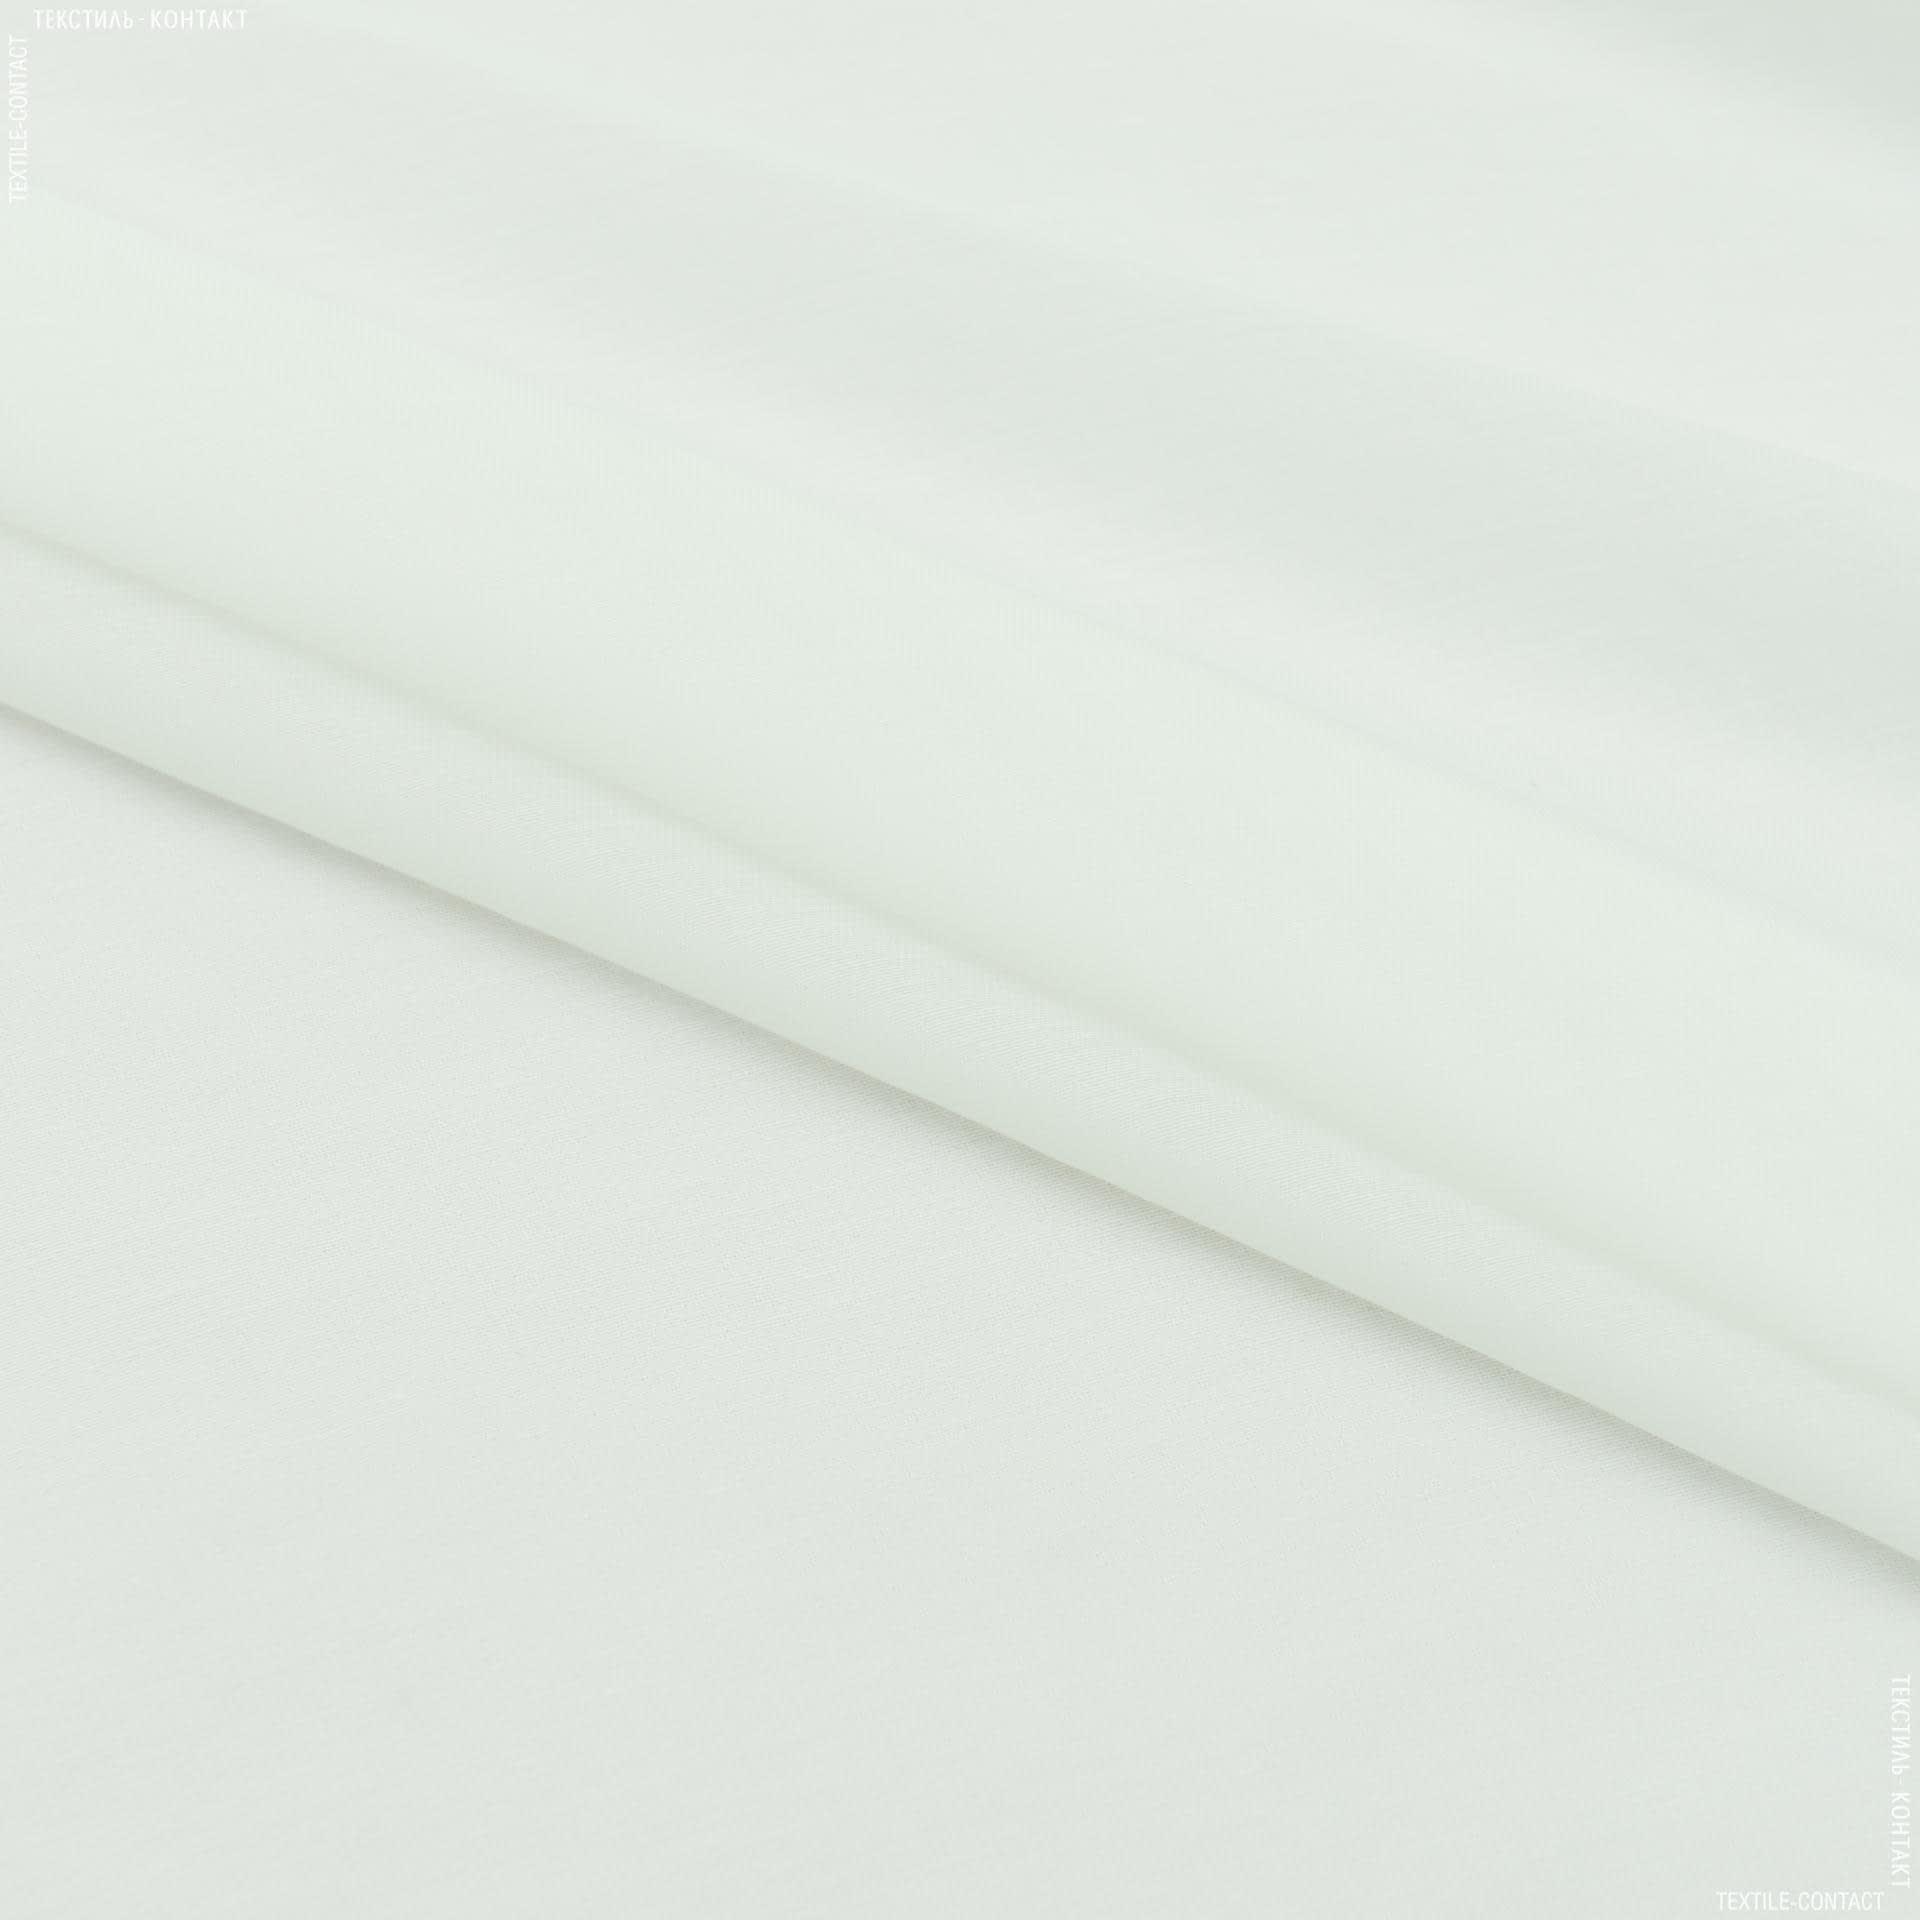 Ткани для драпировки стен и потолков - Тюль батист с утяжелителем лара  кремово-молочный